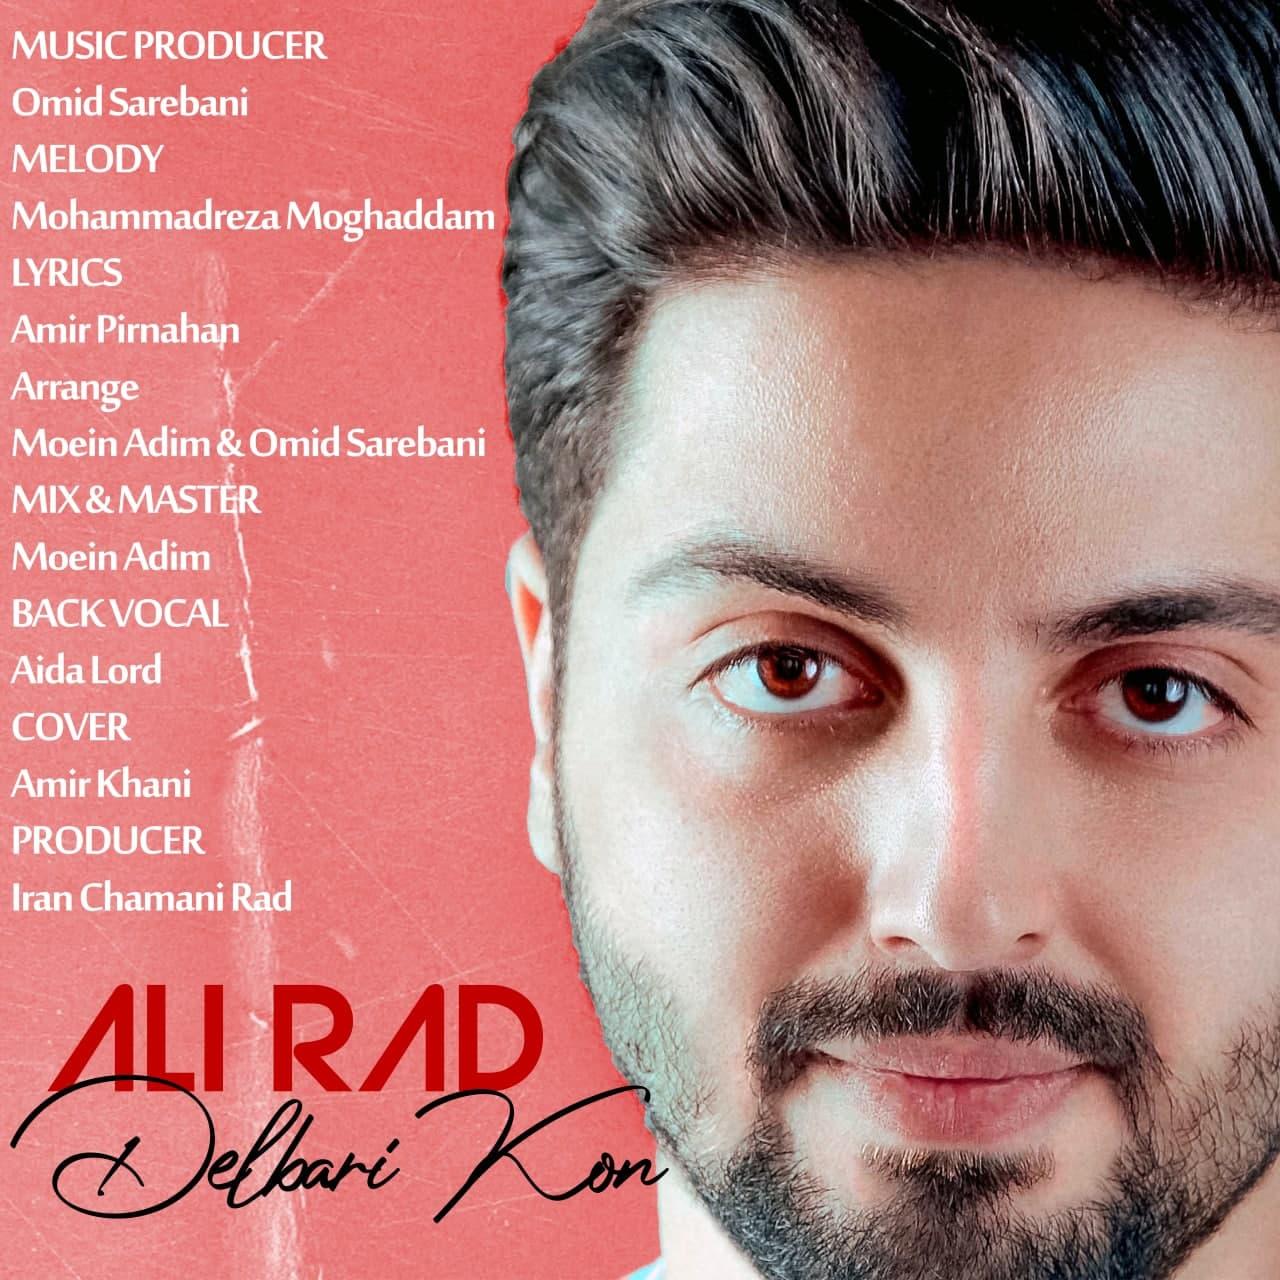 Ali Rad – Delbari Kon